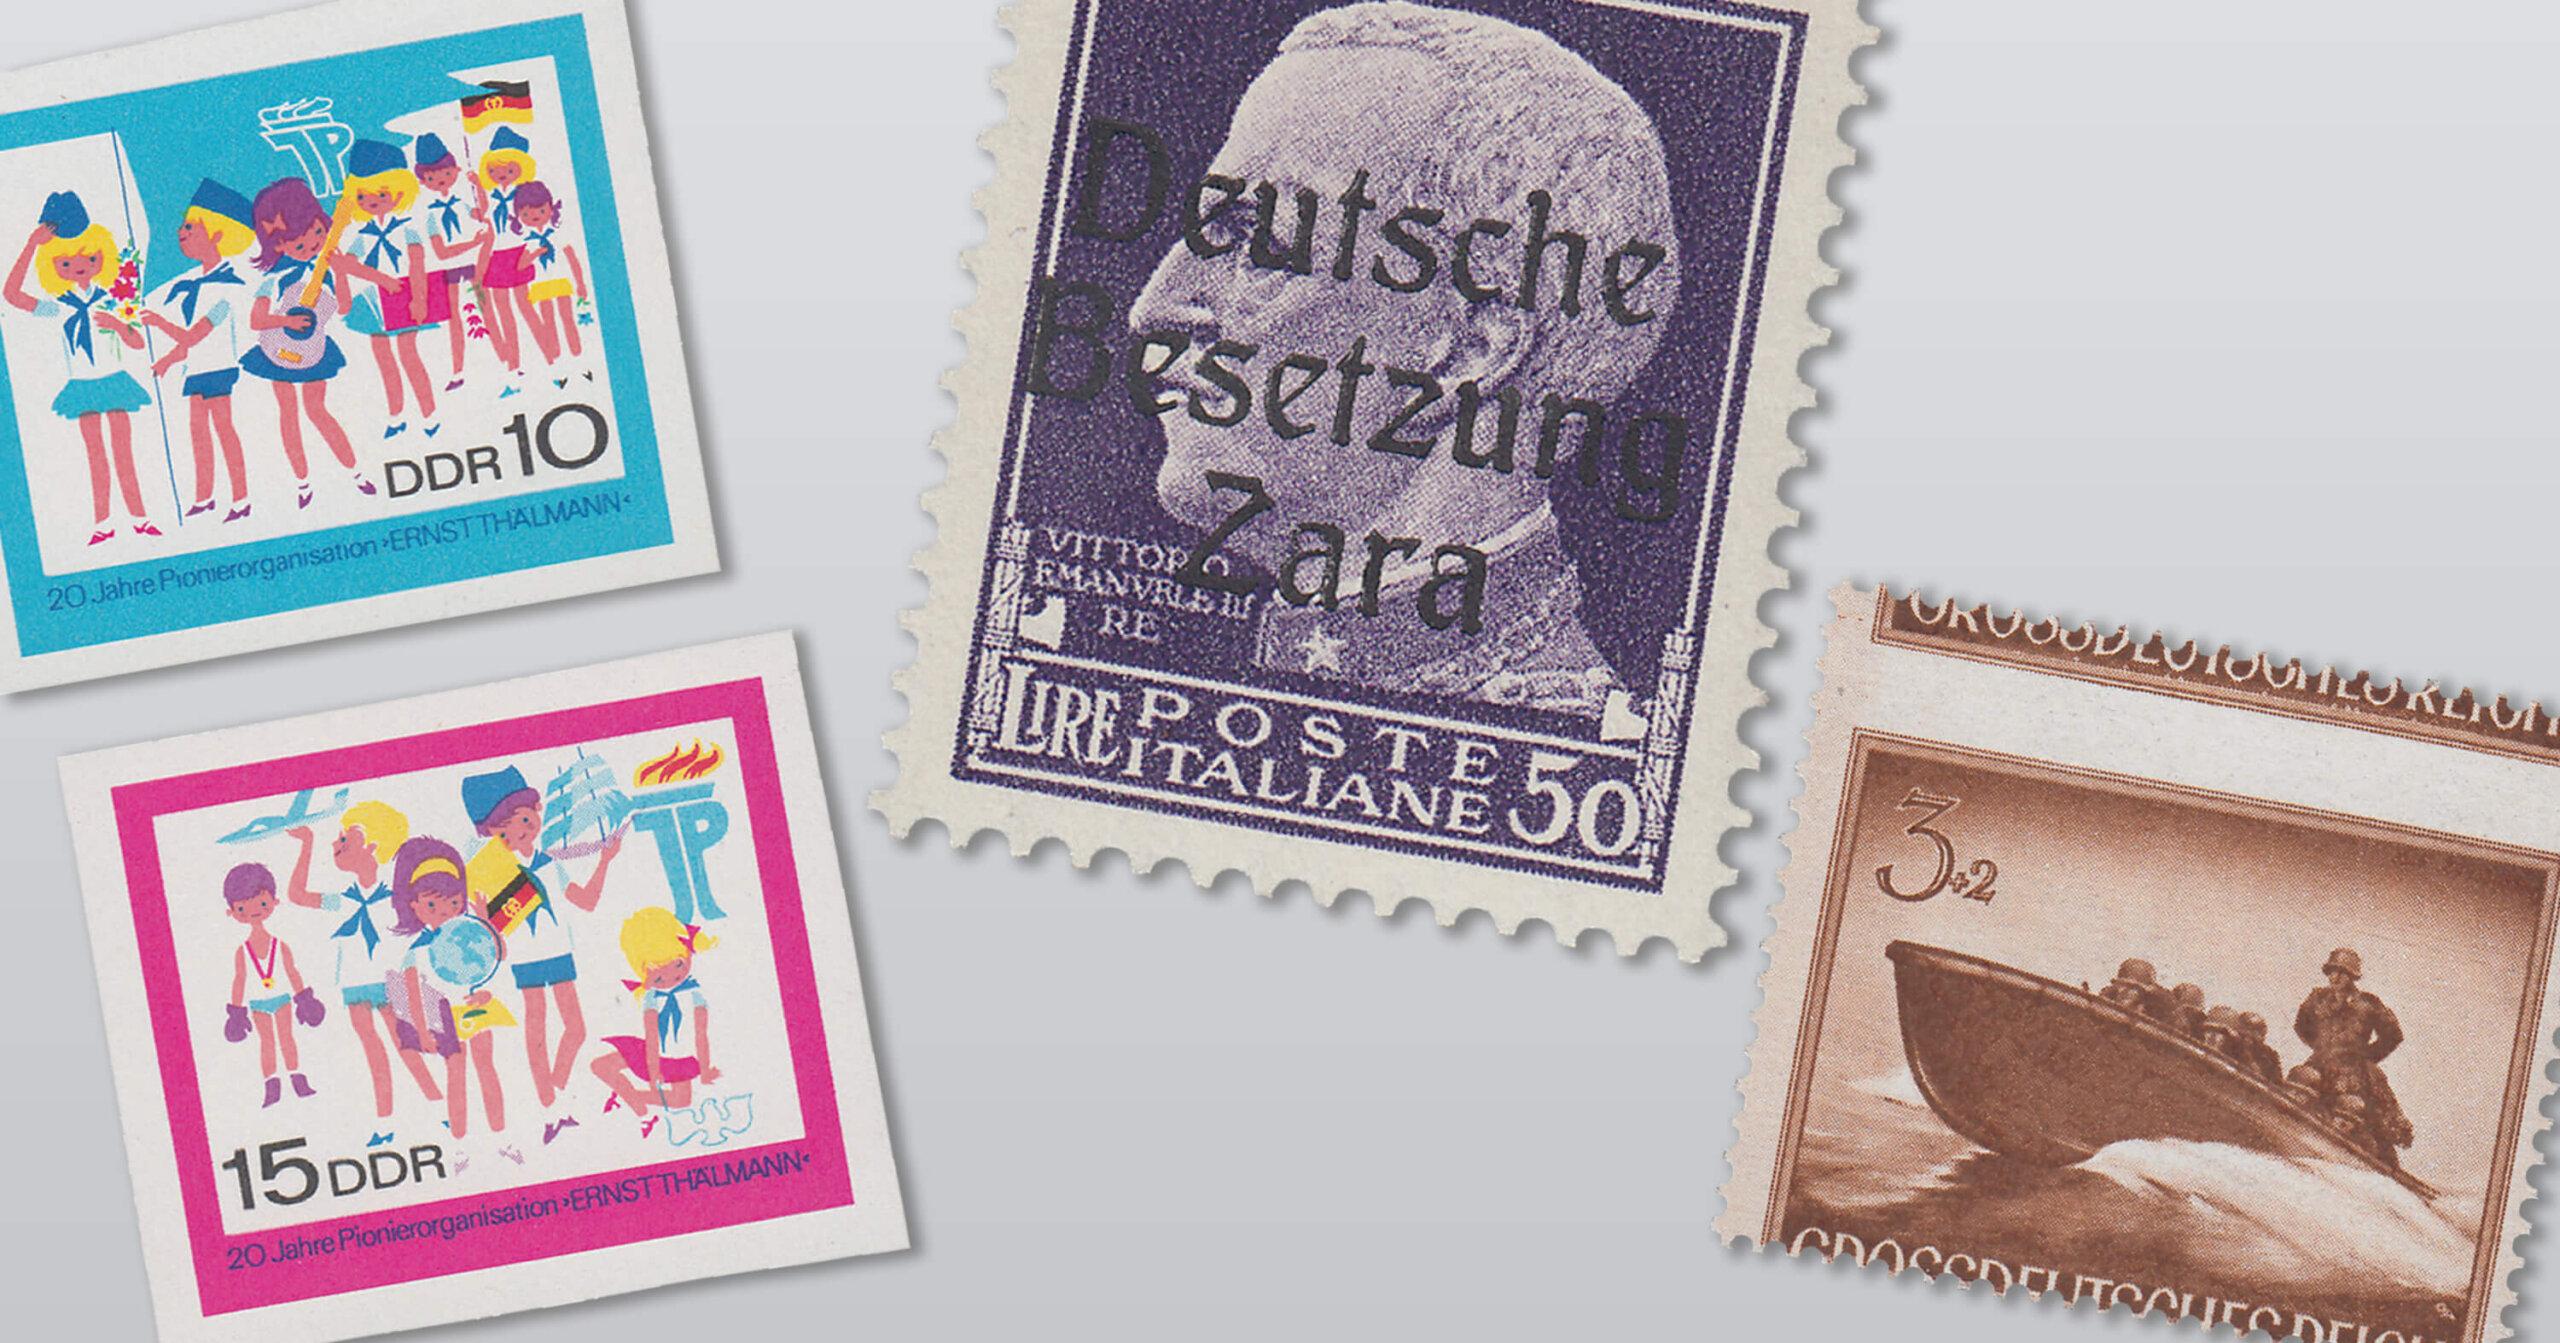 zeitlose-welt-briefmarken-6-2020